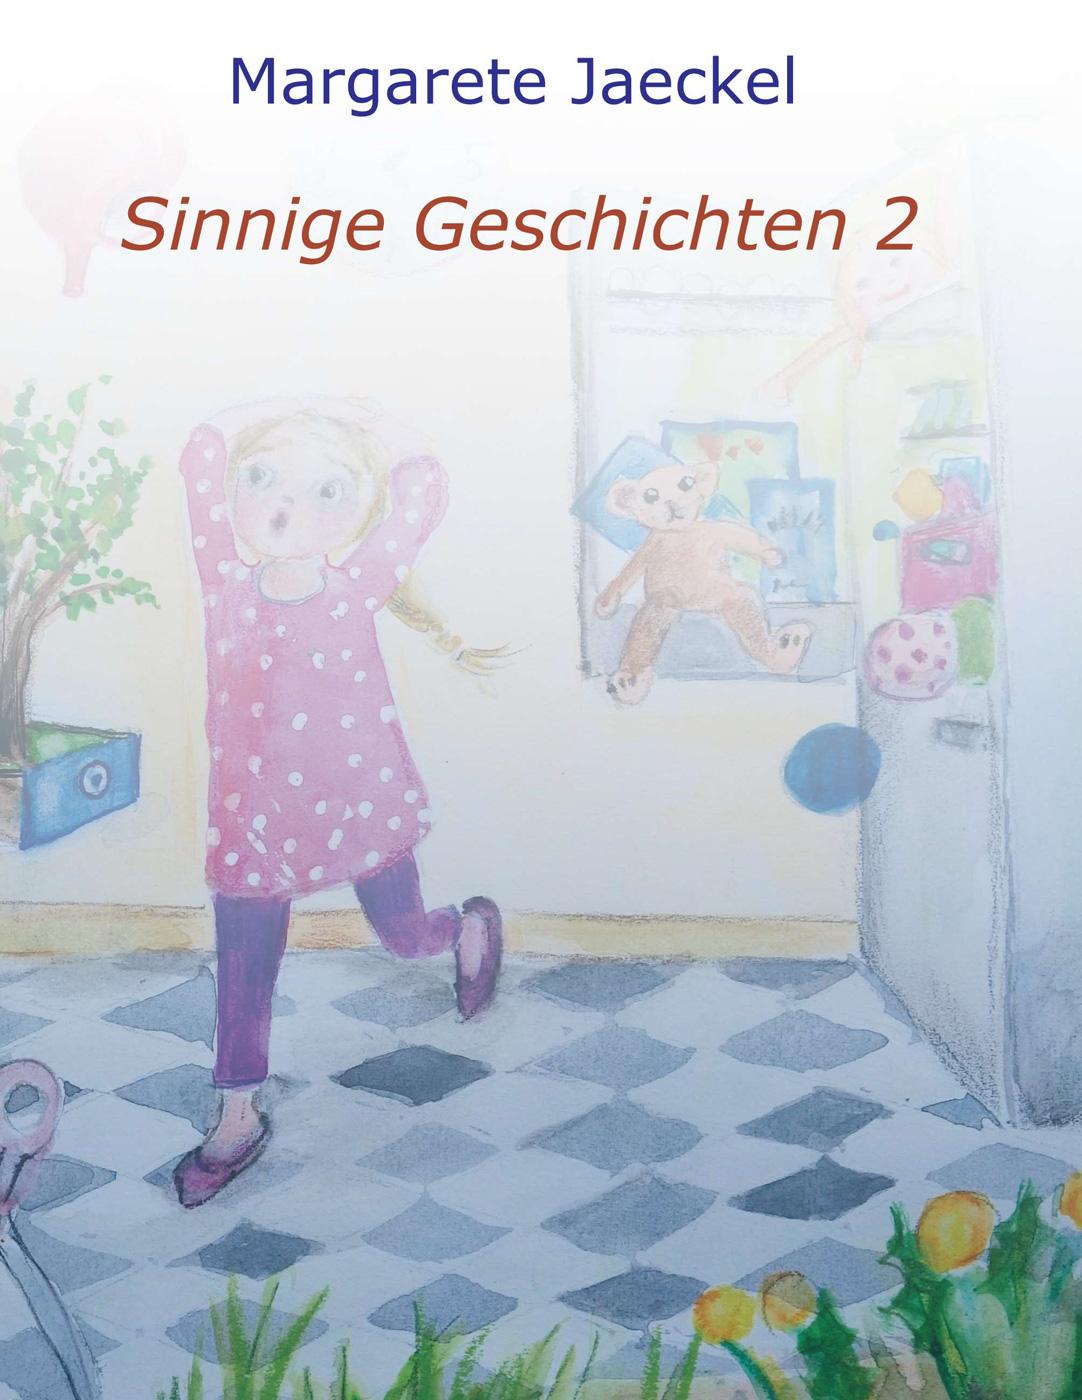 Sammelband 2 | Sinnige Geschichten Margarete Jaeckel | Illustrationen: S. Ledendecker & Eva-Maria Johannes